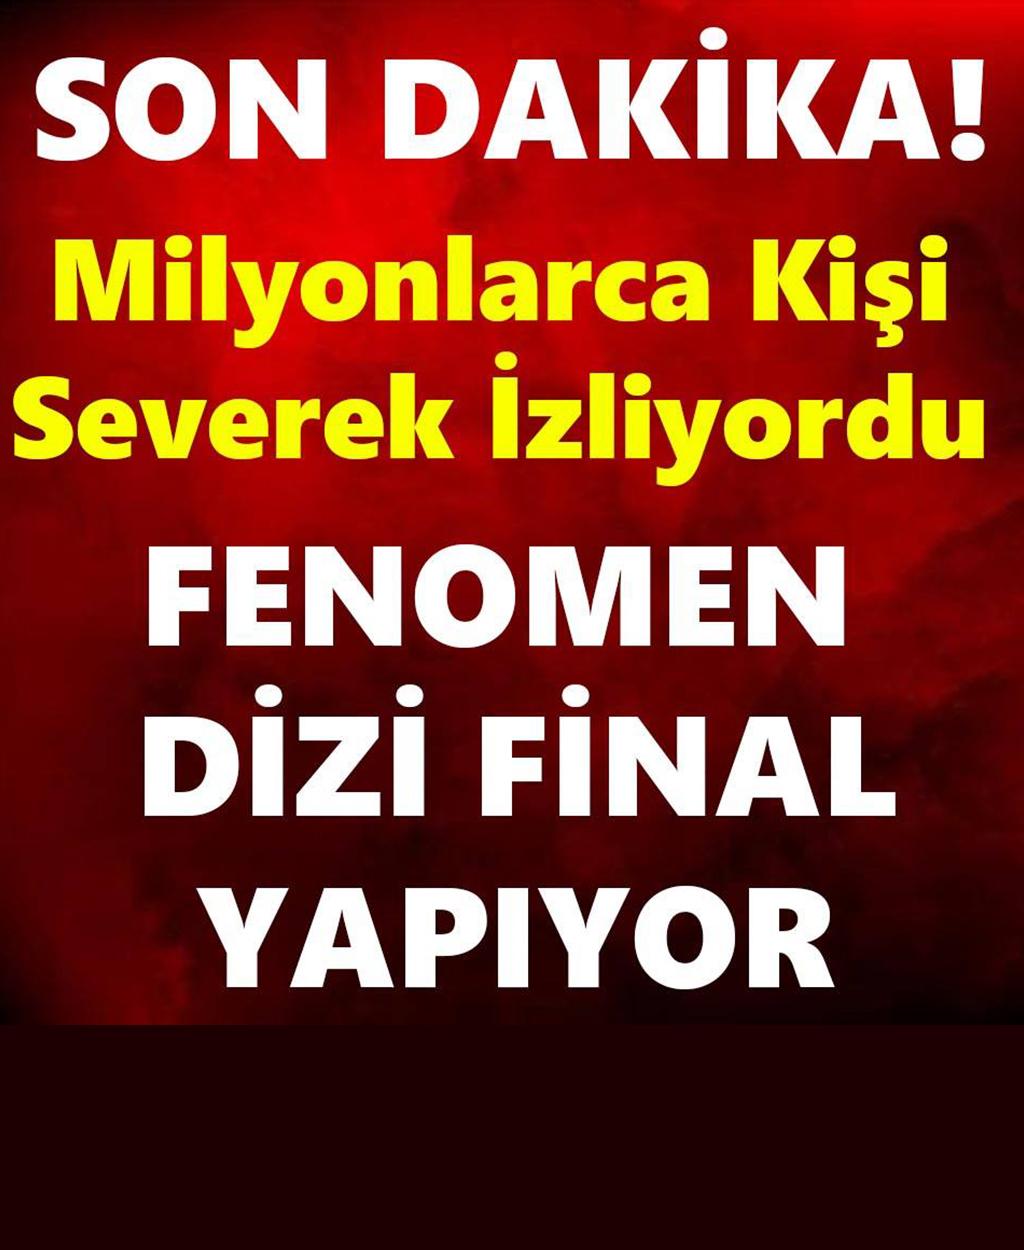 FENOMEN DİZİ FİNAL YAPIYOR - 1